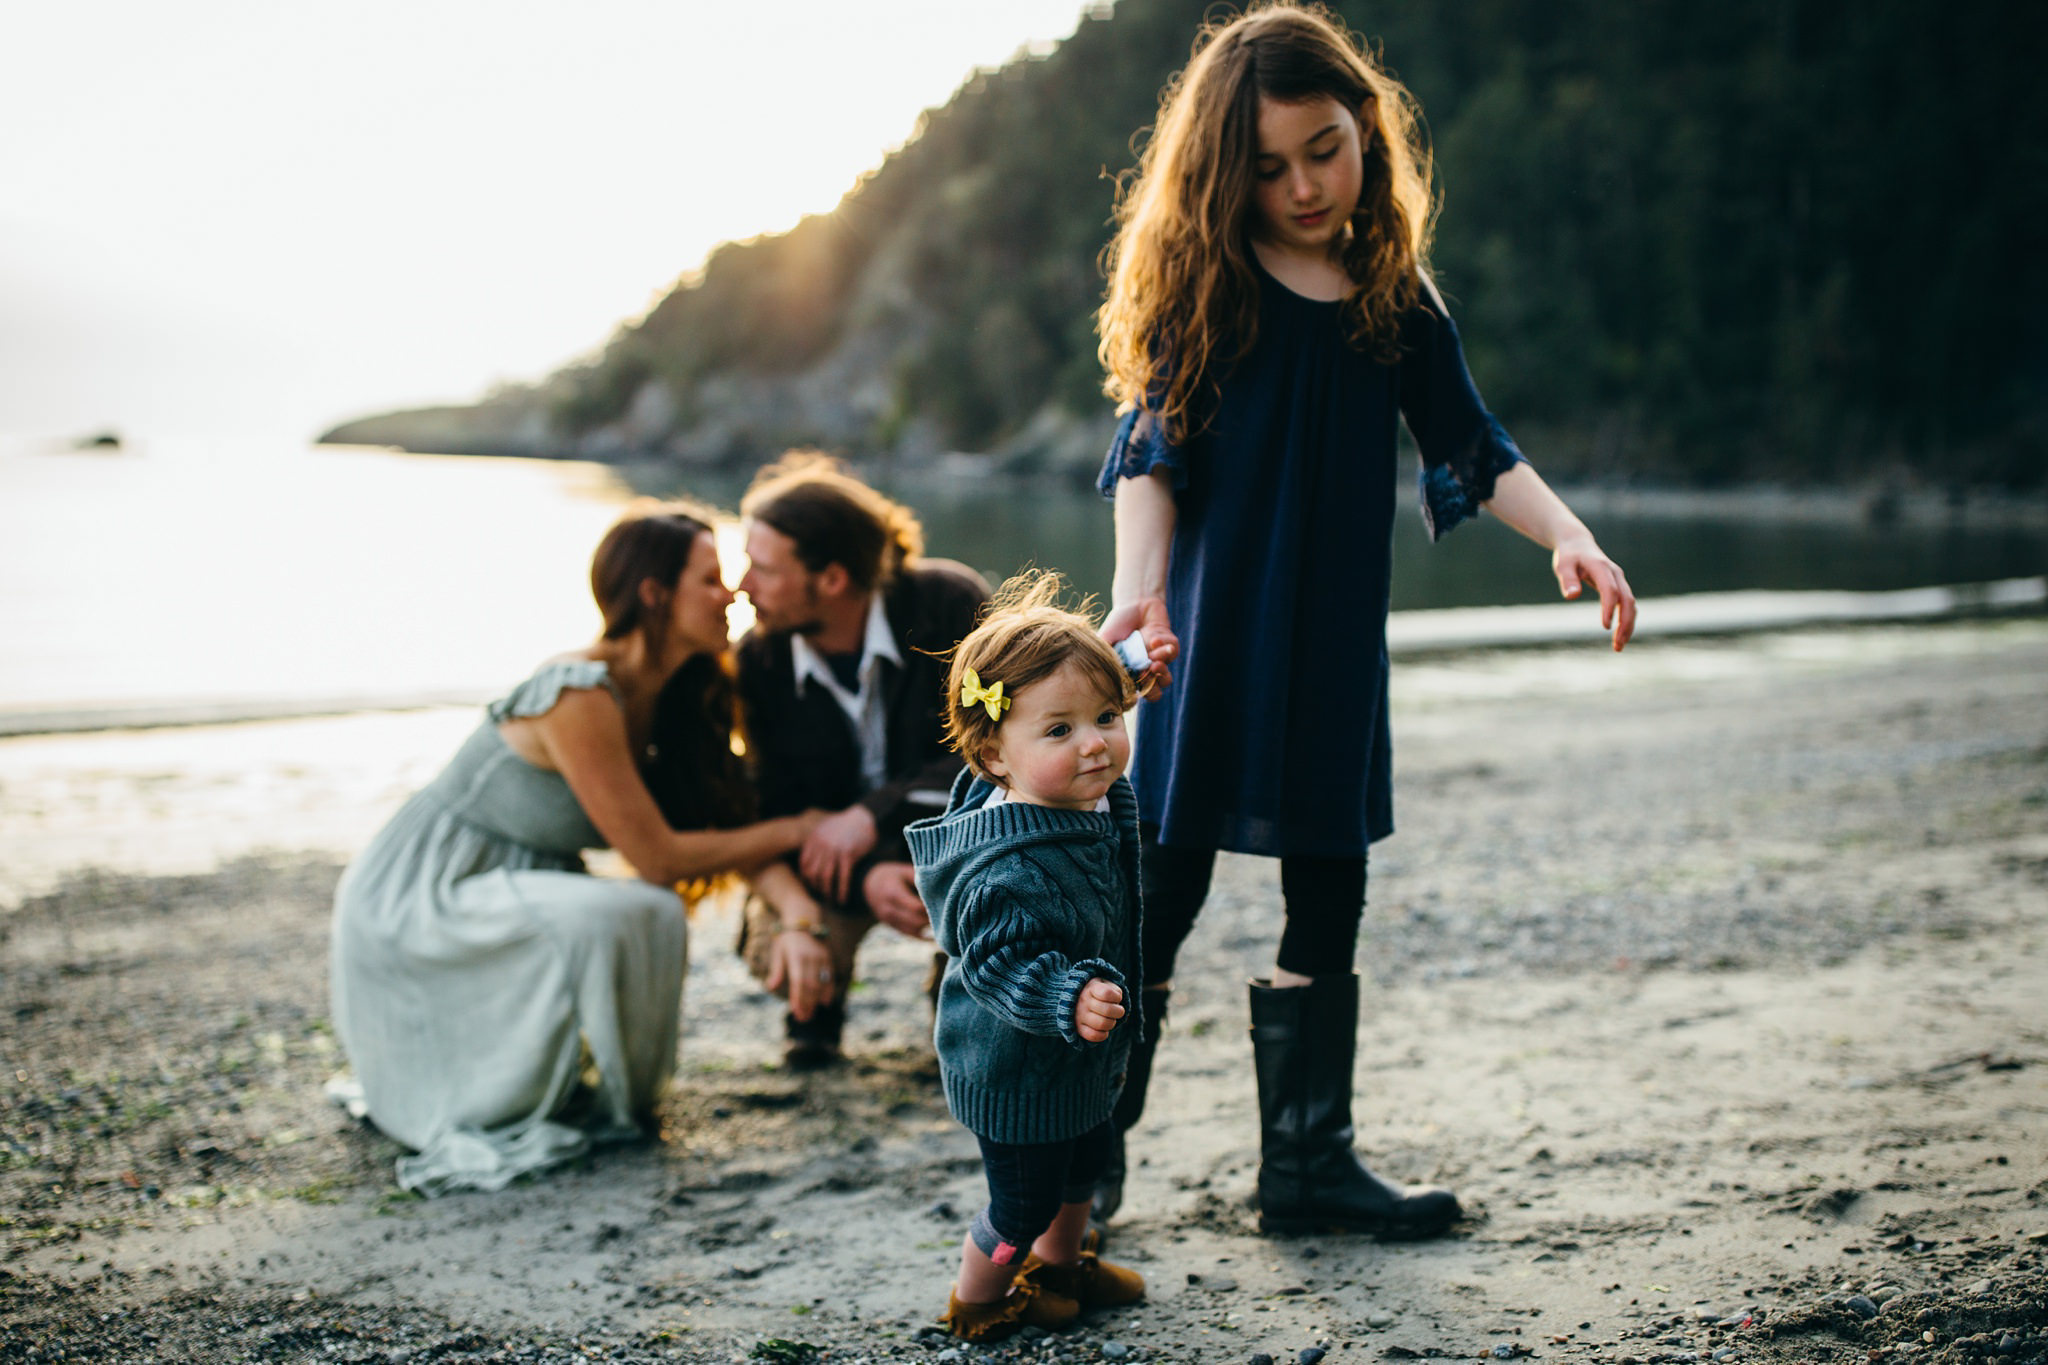 bowman-bay-oak-harbor-family-photographer-17.jpg